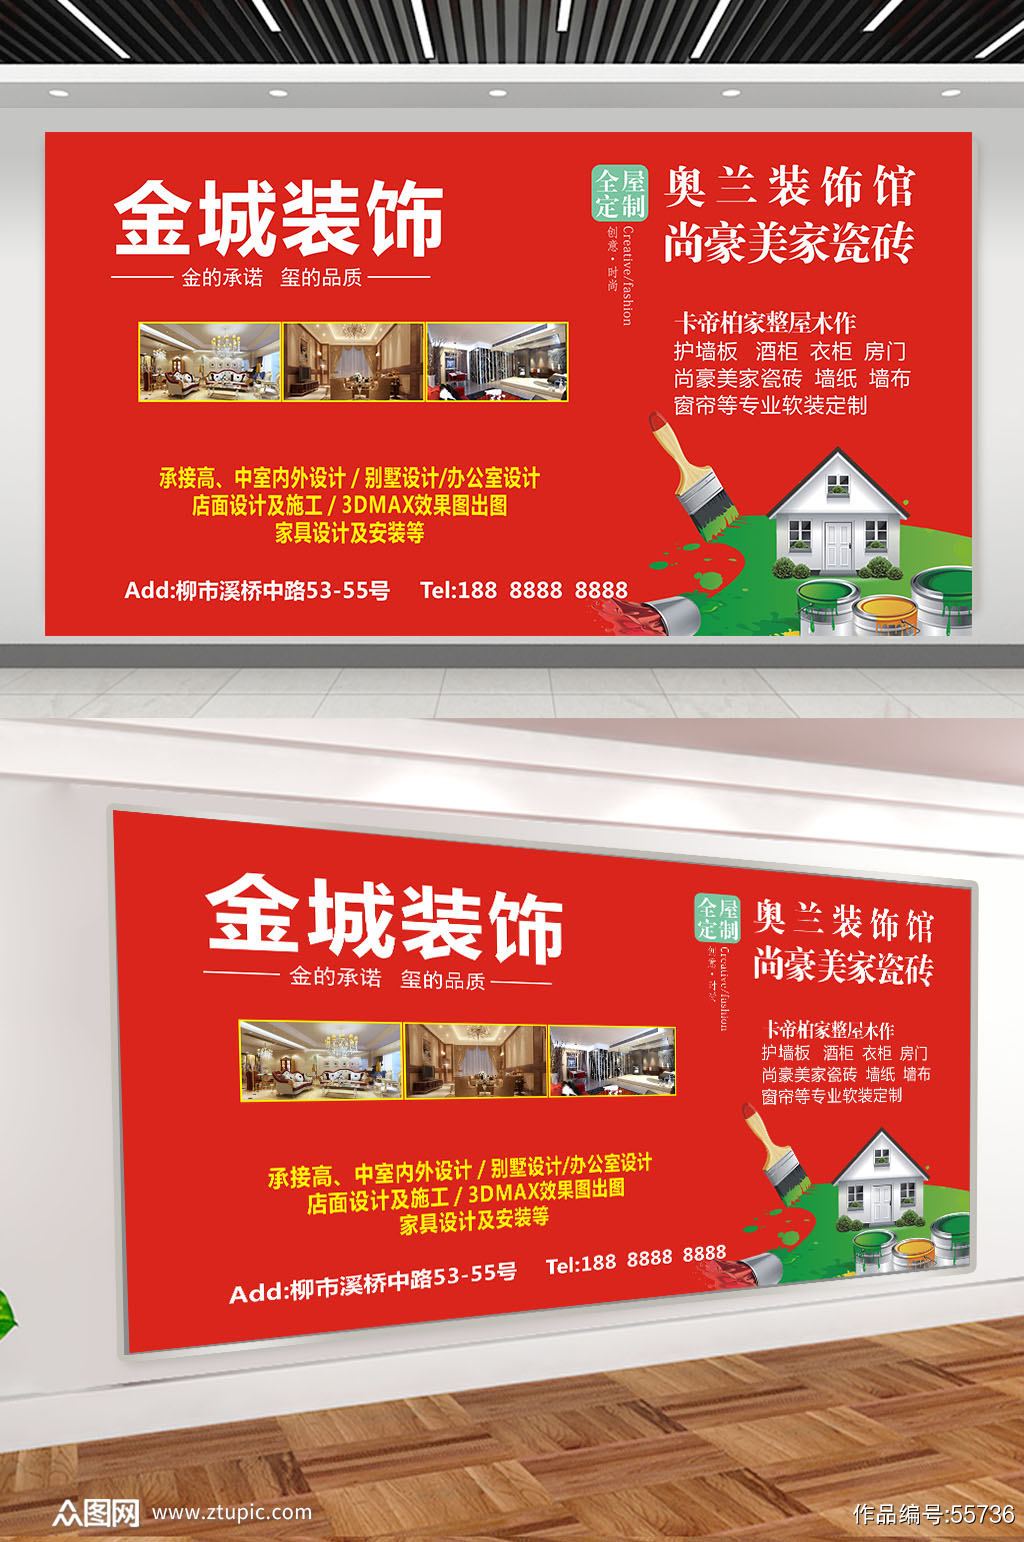 装饰市场装修公司宣传海报素材